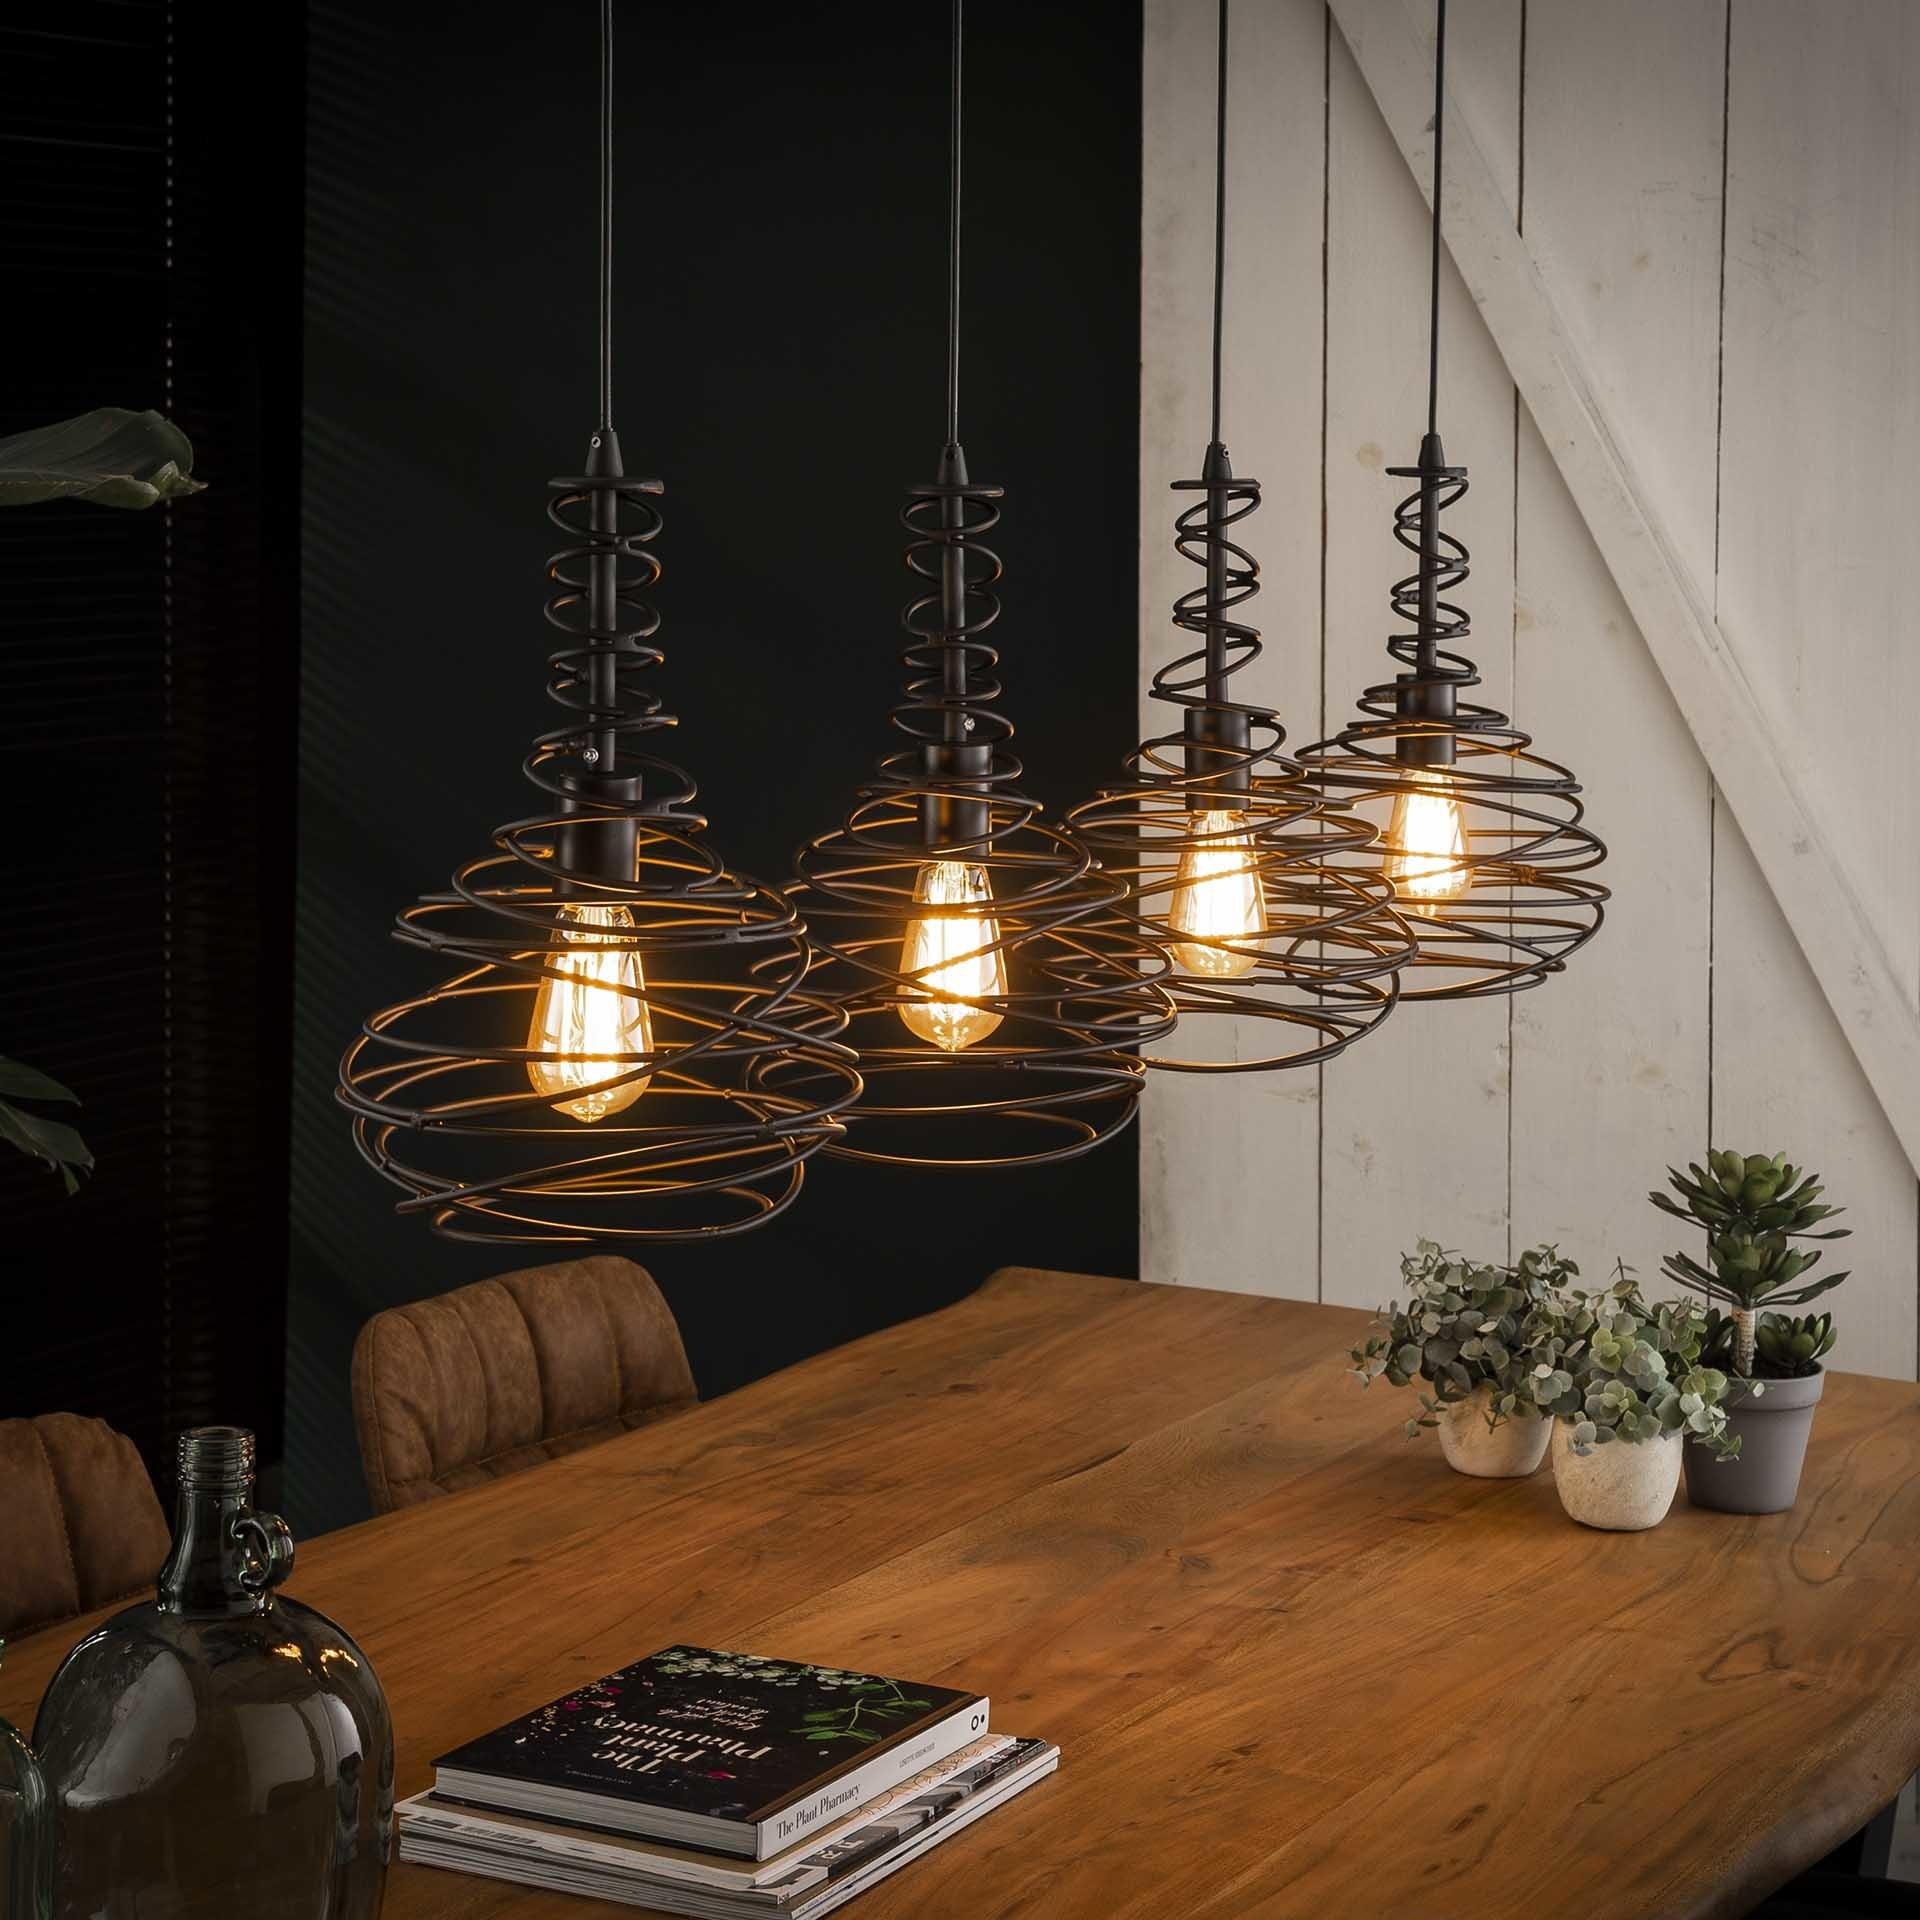 Beste Couchtisch Metall Rund Fotos Von Wohndesign Ideen